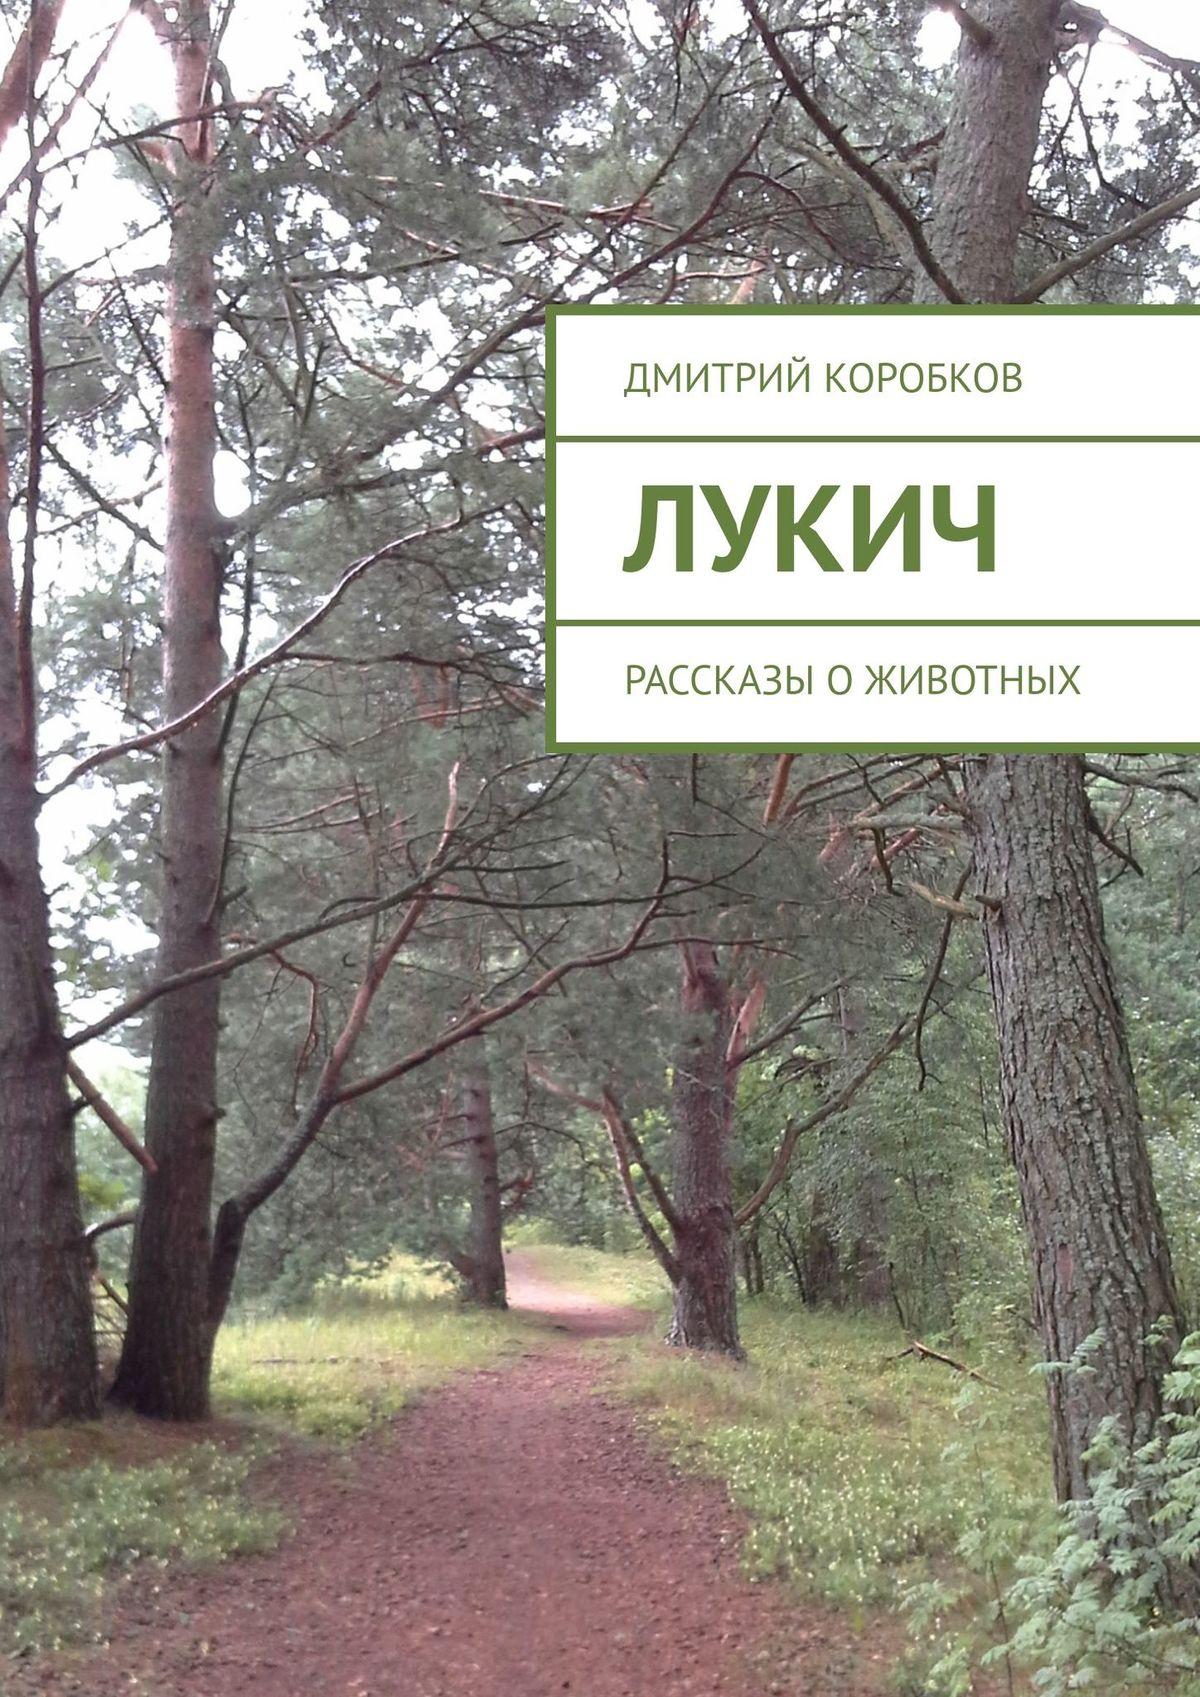 Дмитрий Коробков Рассказы оживотных